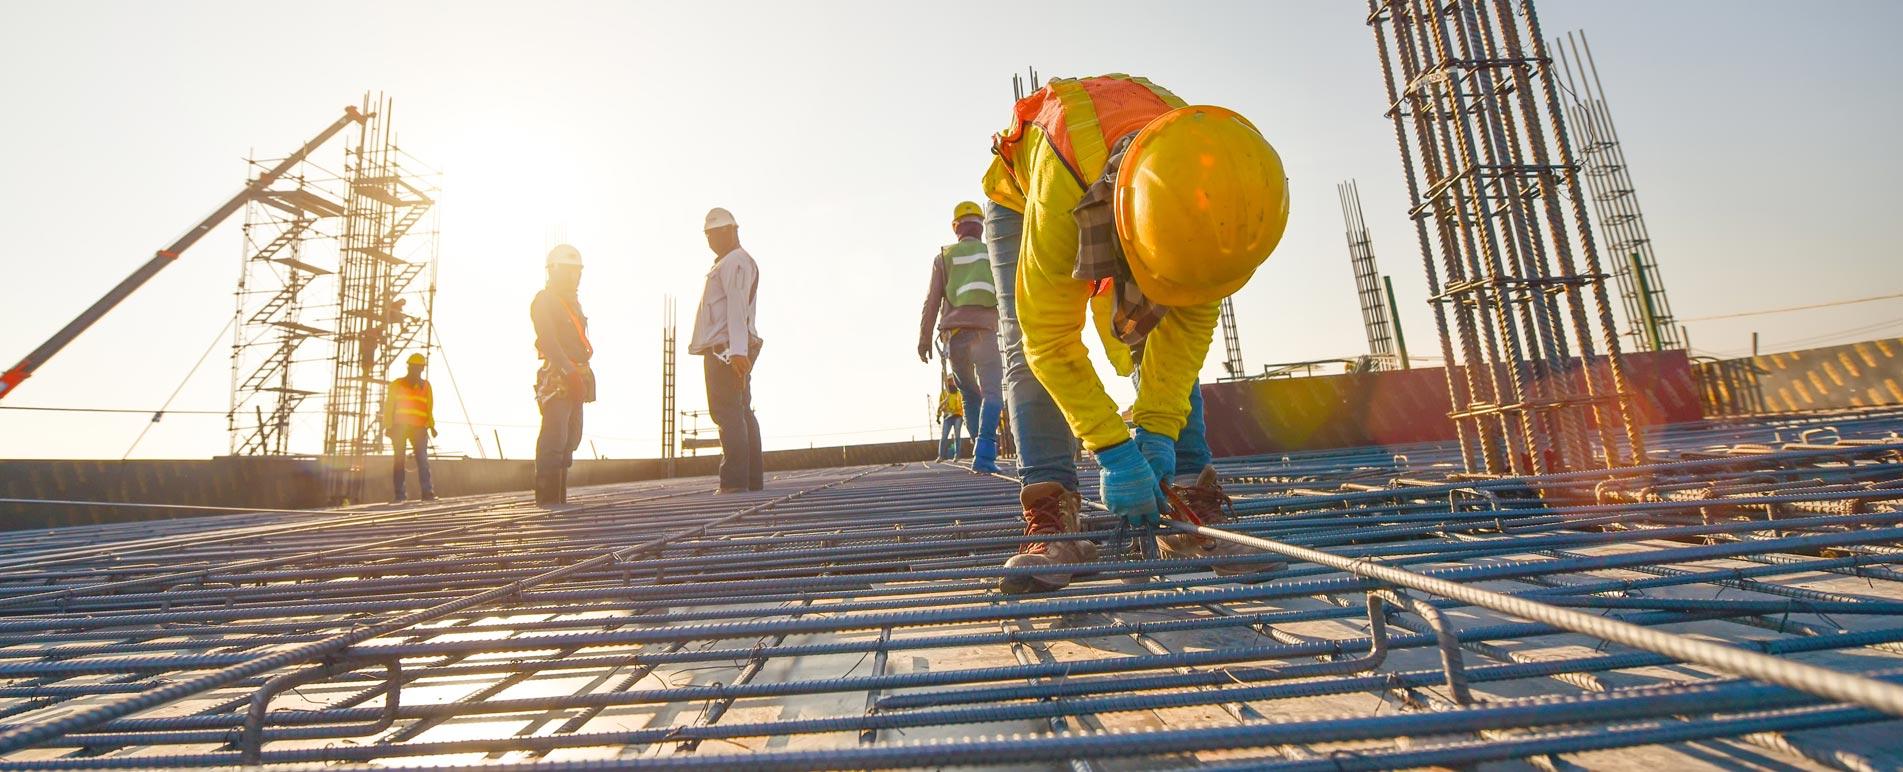 Clienti Per Imprese Edili software per edilizia e imprese edili | str - gruppo teamsystem